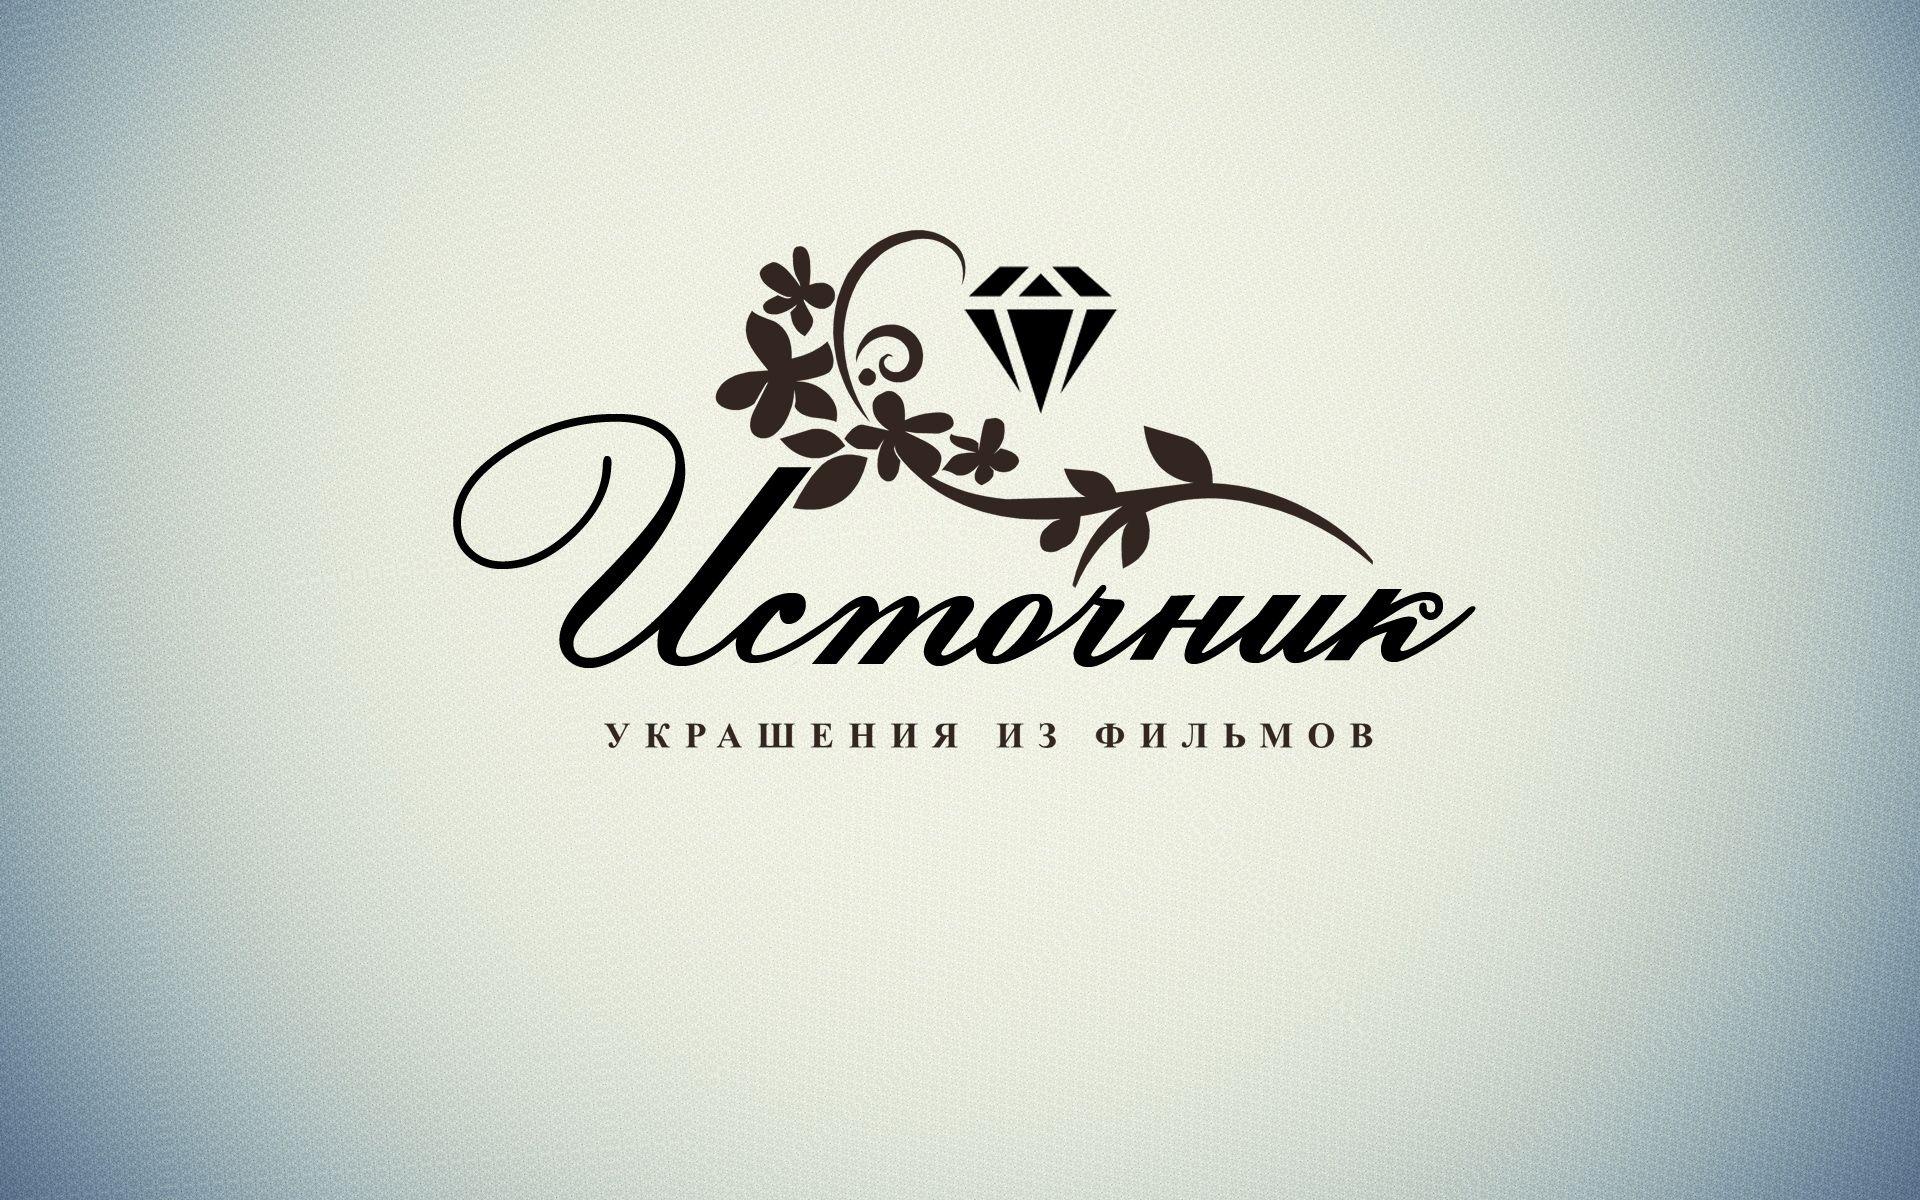 Логотип для магазина Украшений из Фильмов - дизайнер koleanike